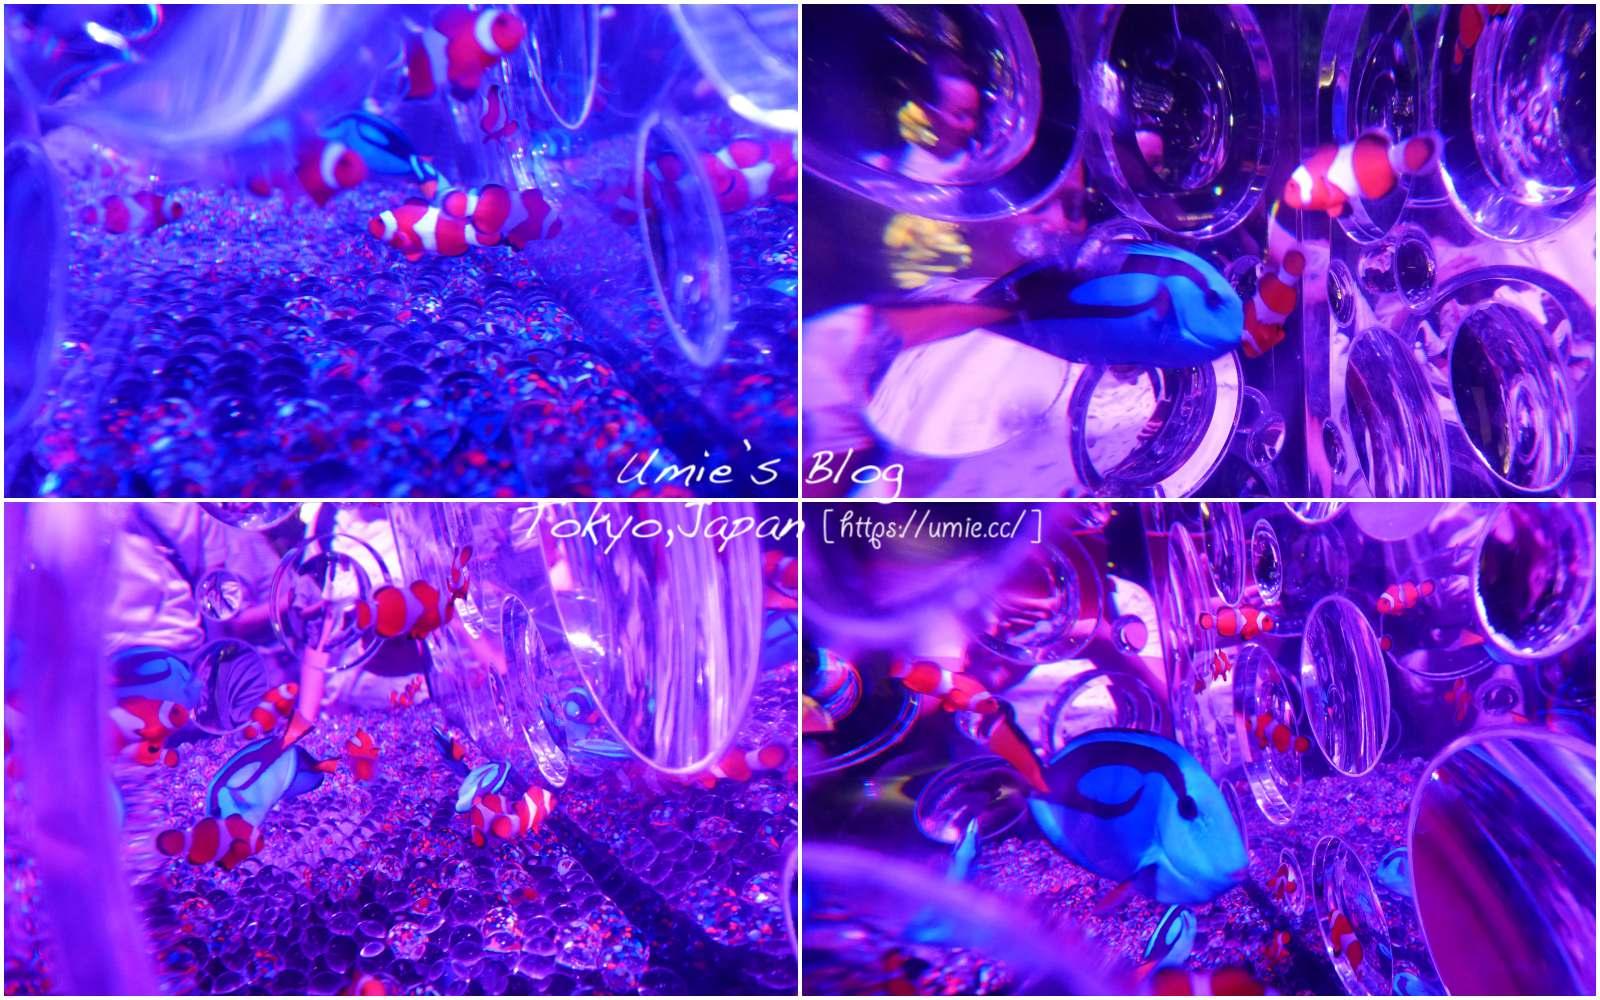 東京日本橋必去|日本藝術水族館,江戶.金魚の涼&夜之水族館,史上最大型金魚展,晚上變身時尚酒吧!